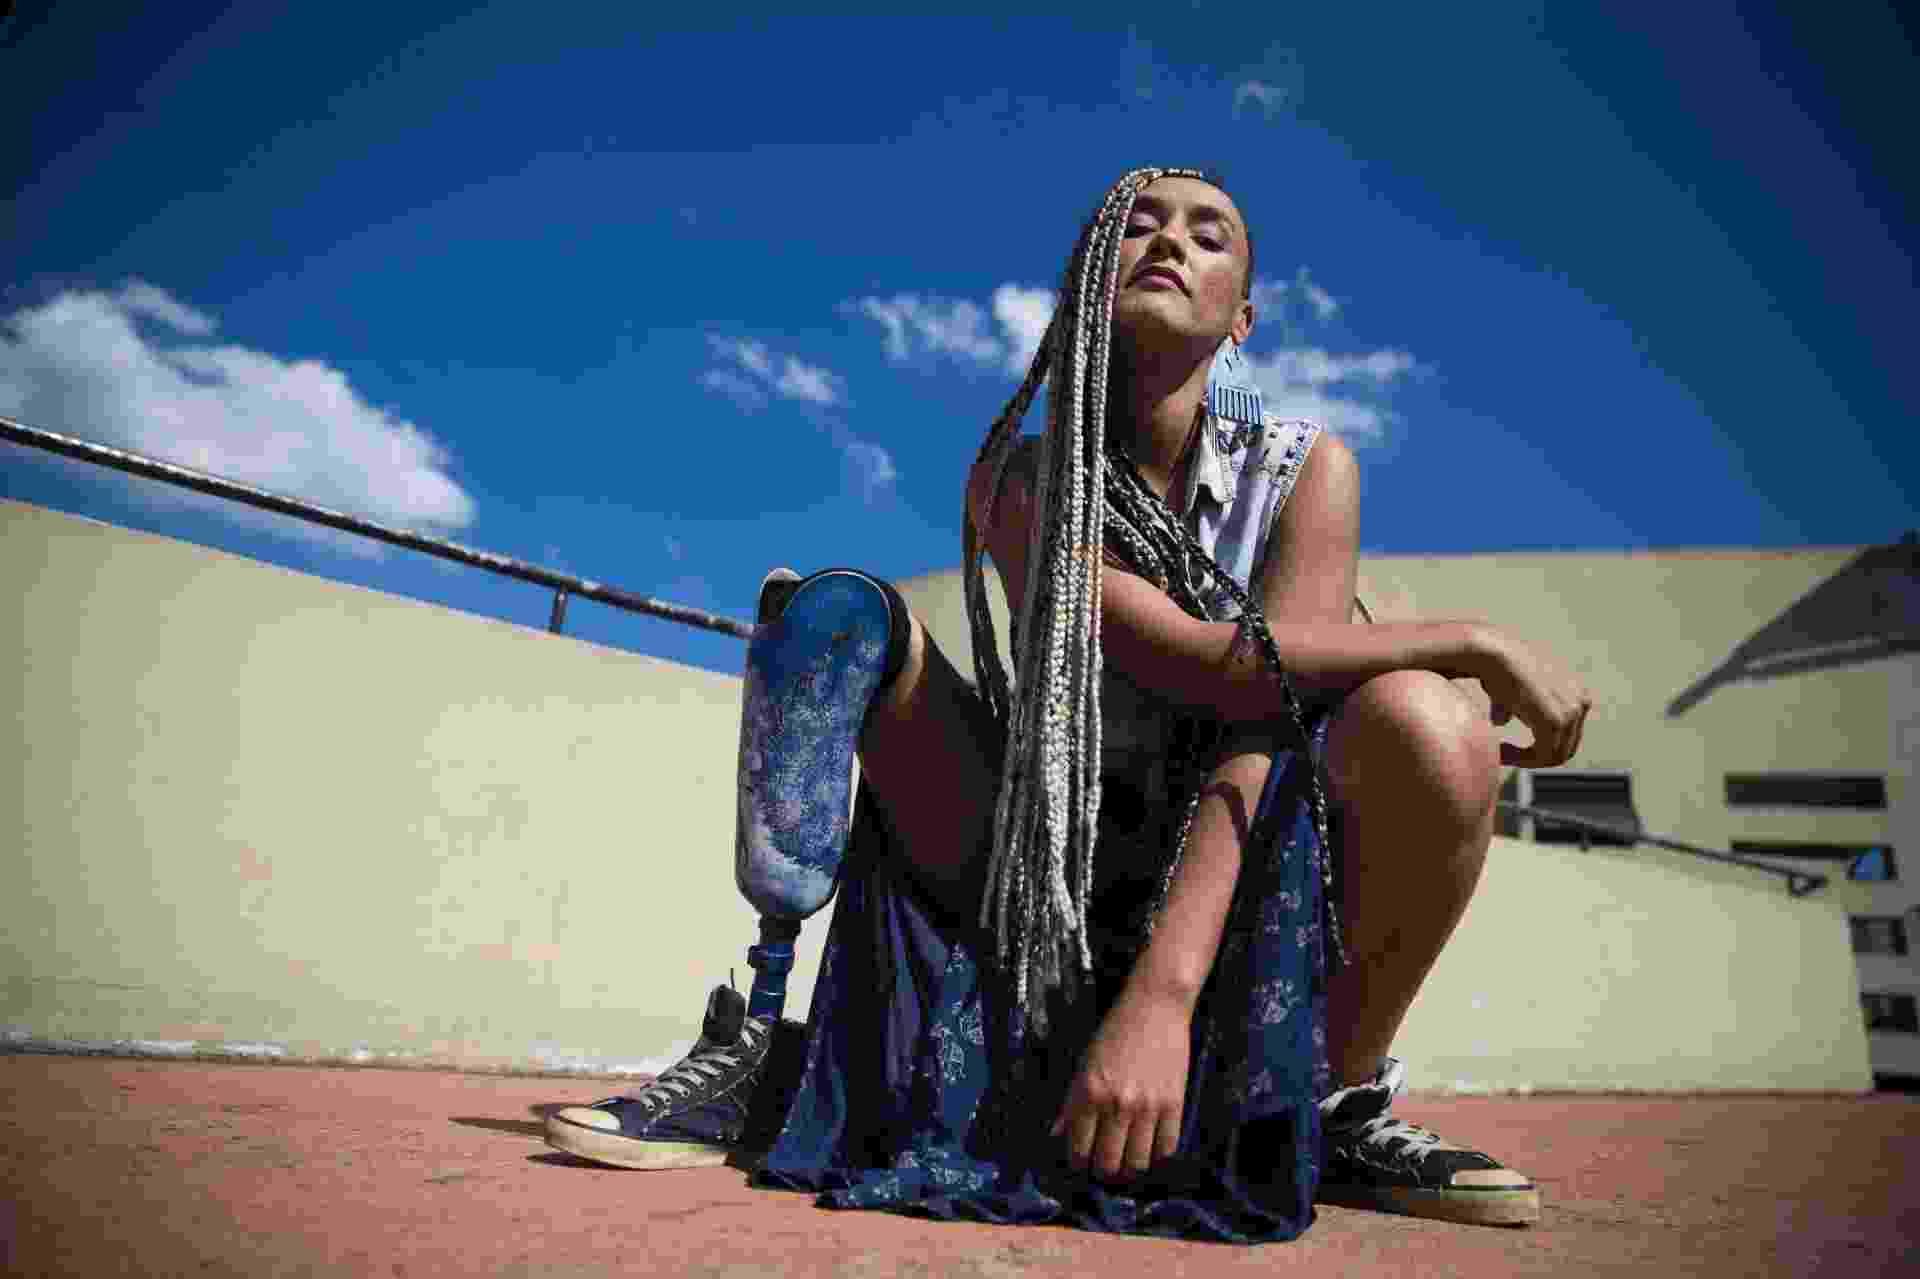 """Uma das mulheres do rap a despontar para além do gênero, Yzalú fala de amor e ativismo em seu primeiro disco e mostra, pela primeira vez, a prótese que tem na perna direita: """"Em algum momento eu ia querer subir no palco e ser quem eu sou"""" - Lucas Lima/UOL"""